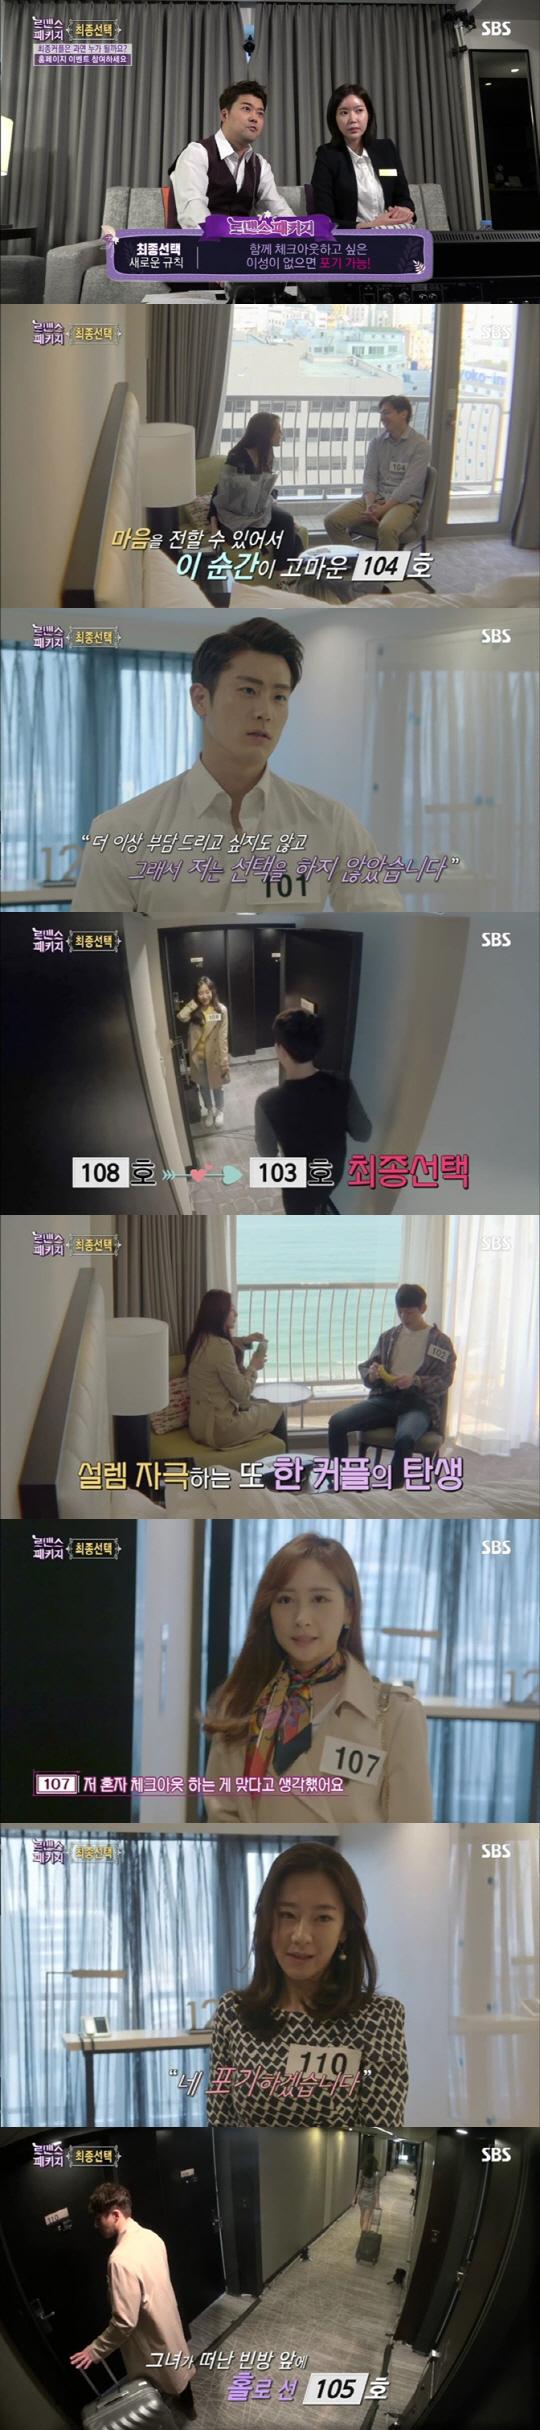 '로맨스 패키지', 최종 세 커플 탄생..105호 씁쓸한 퇴실 '최고의 1분'